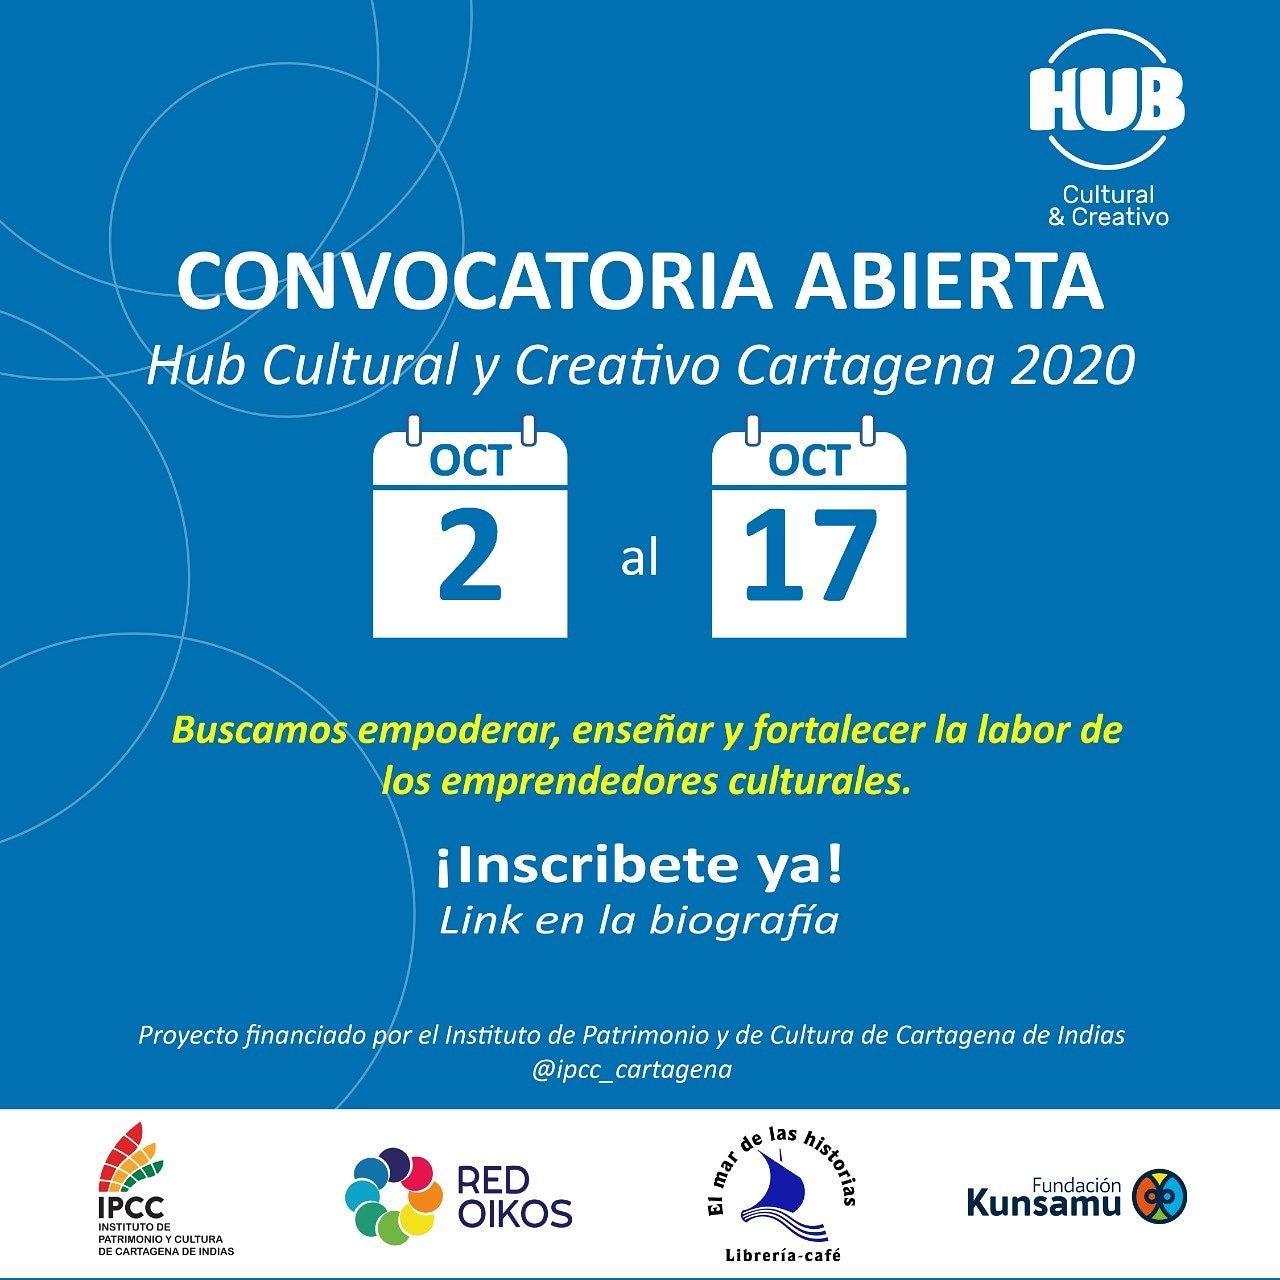 Hub Cultural y Creativo Cartagena